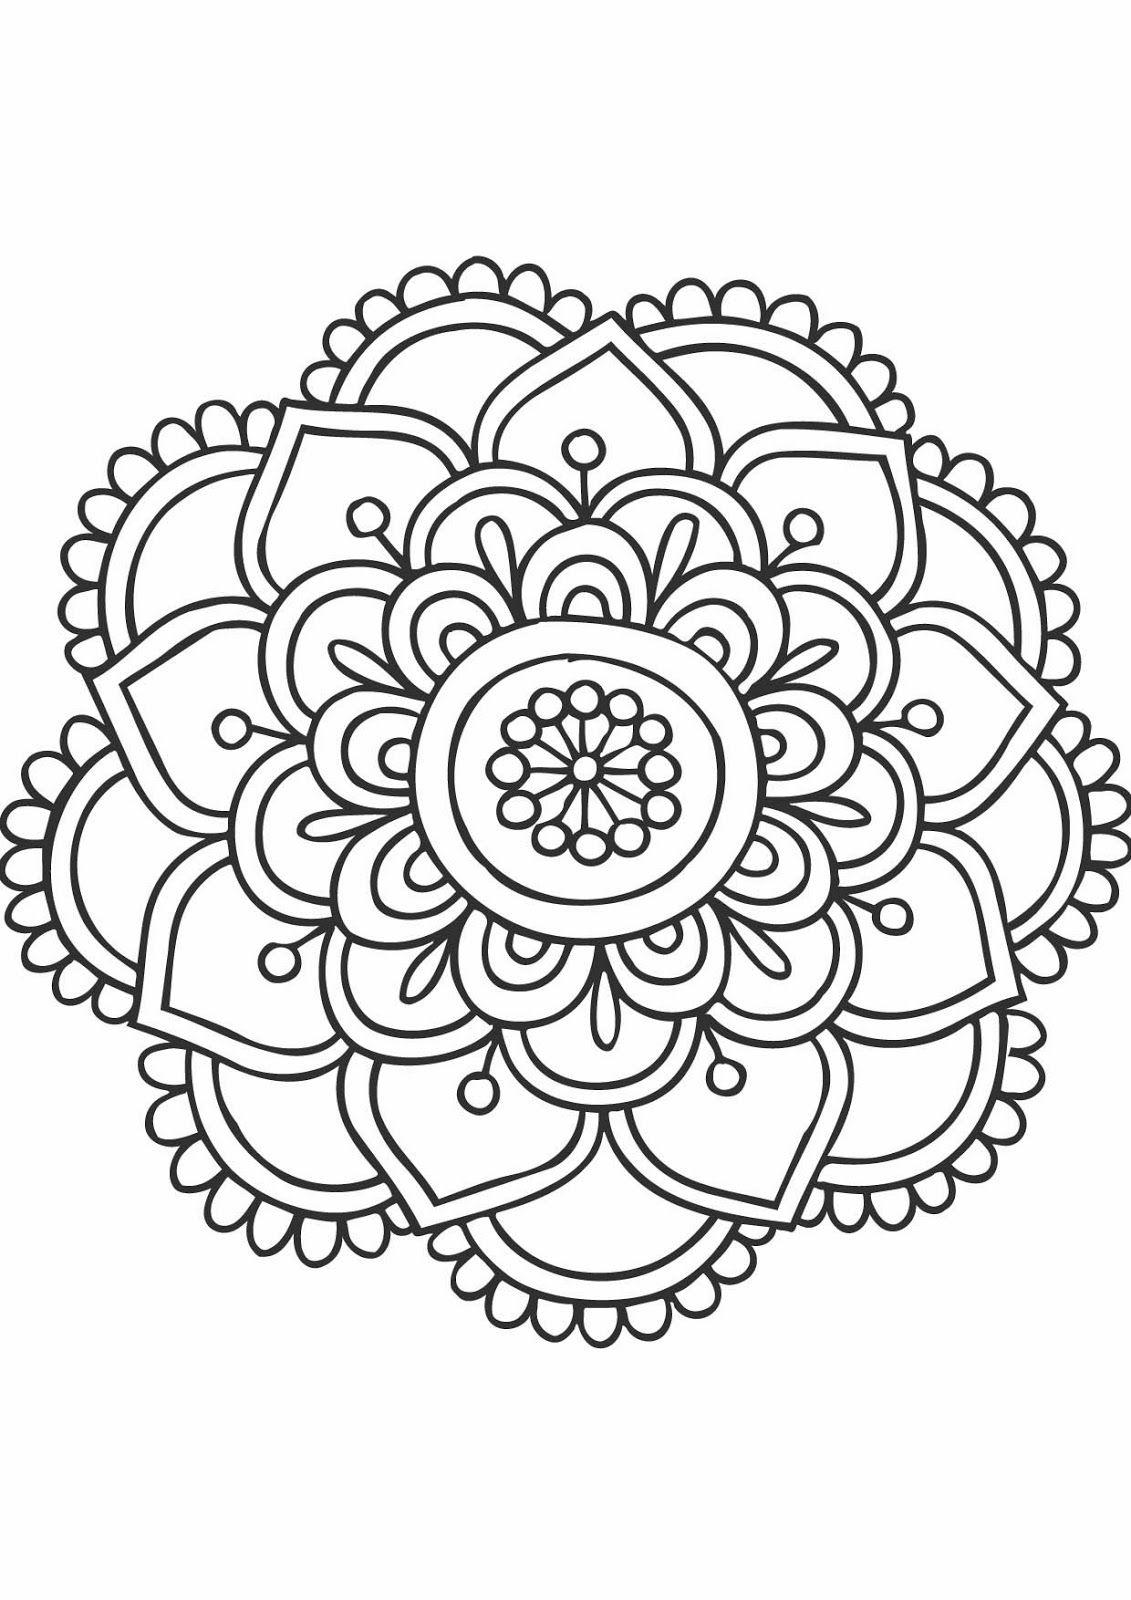 Les Lectures De Carol: Les Mandalas | Mandala Coloring Pages serapportantà Mandala Facile À Imprimer